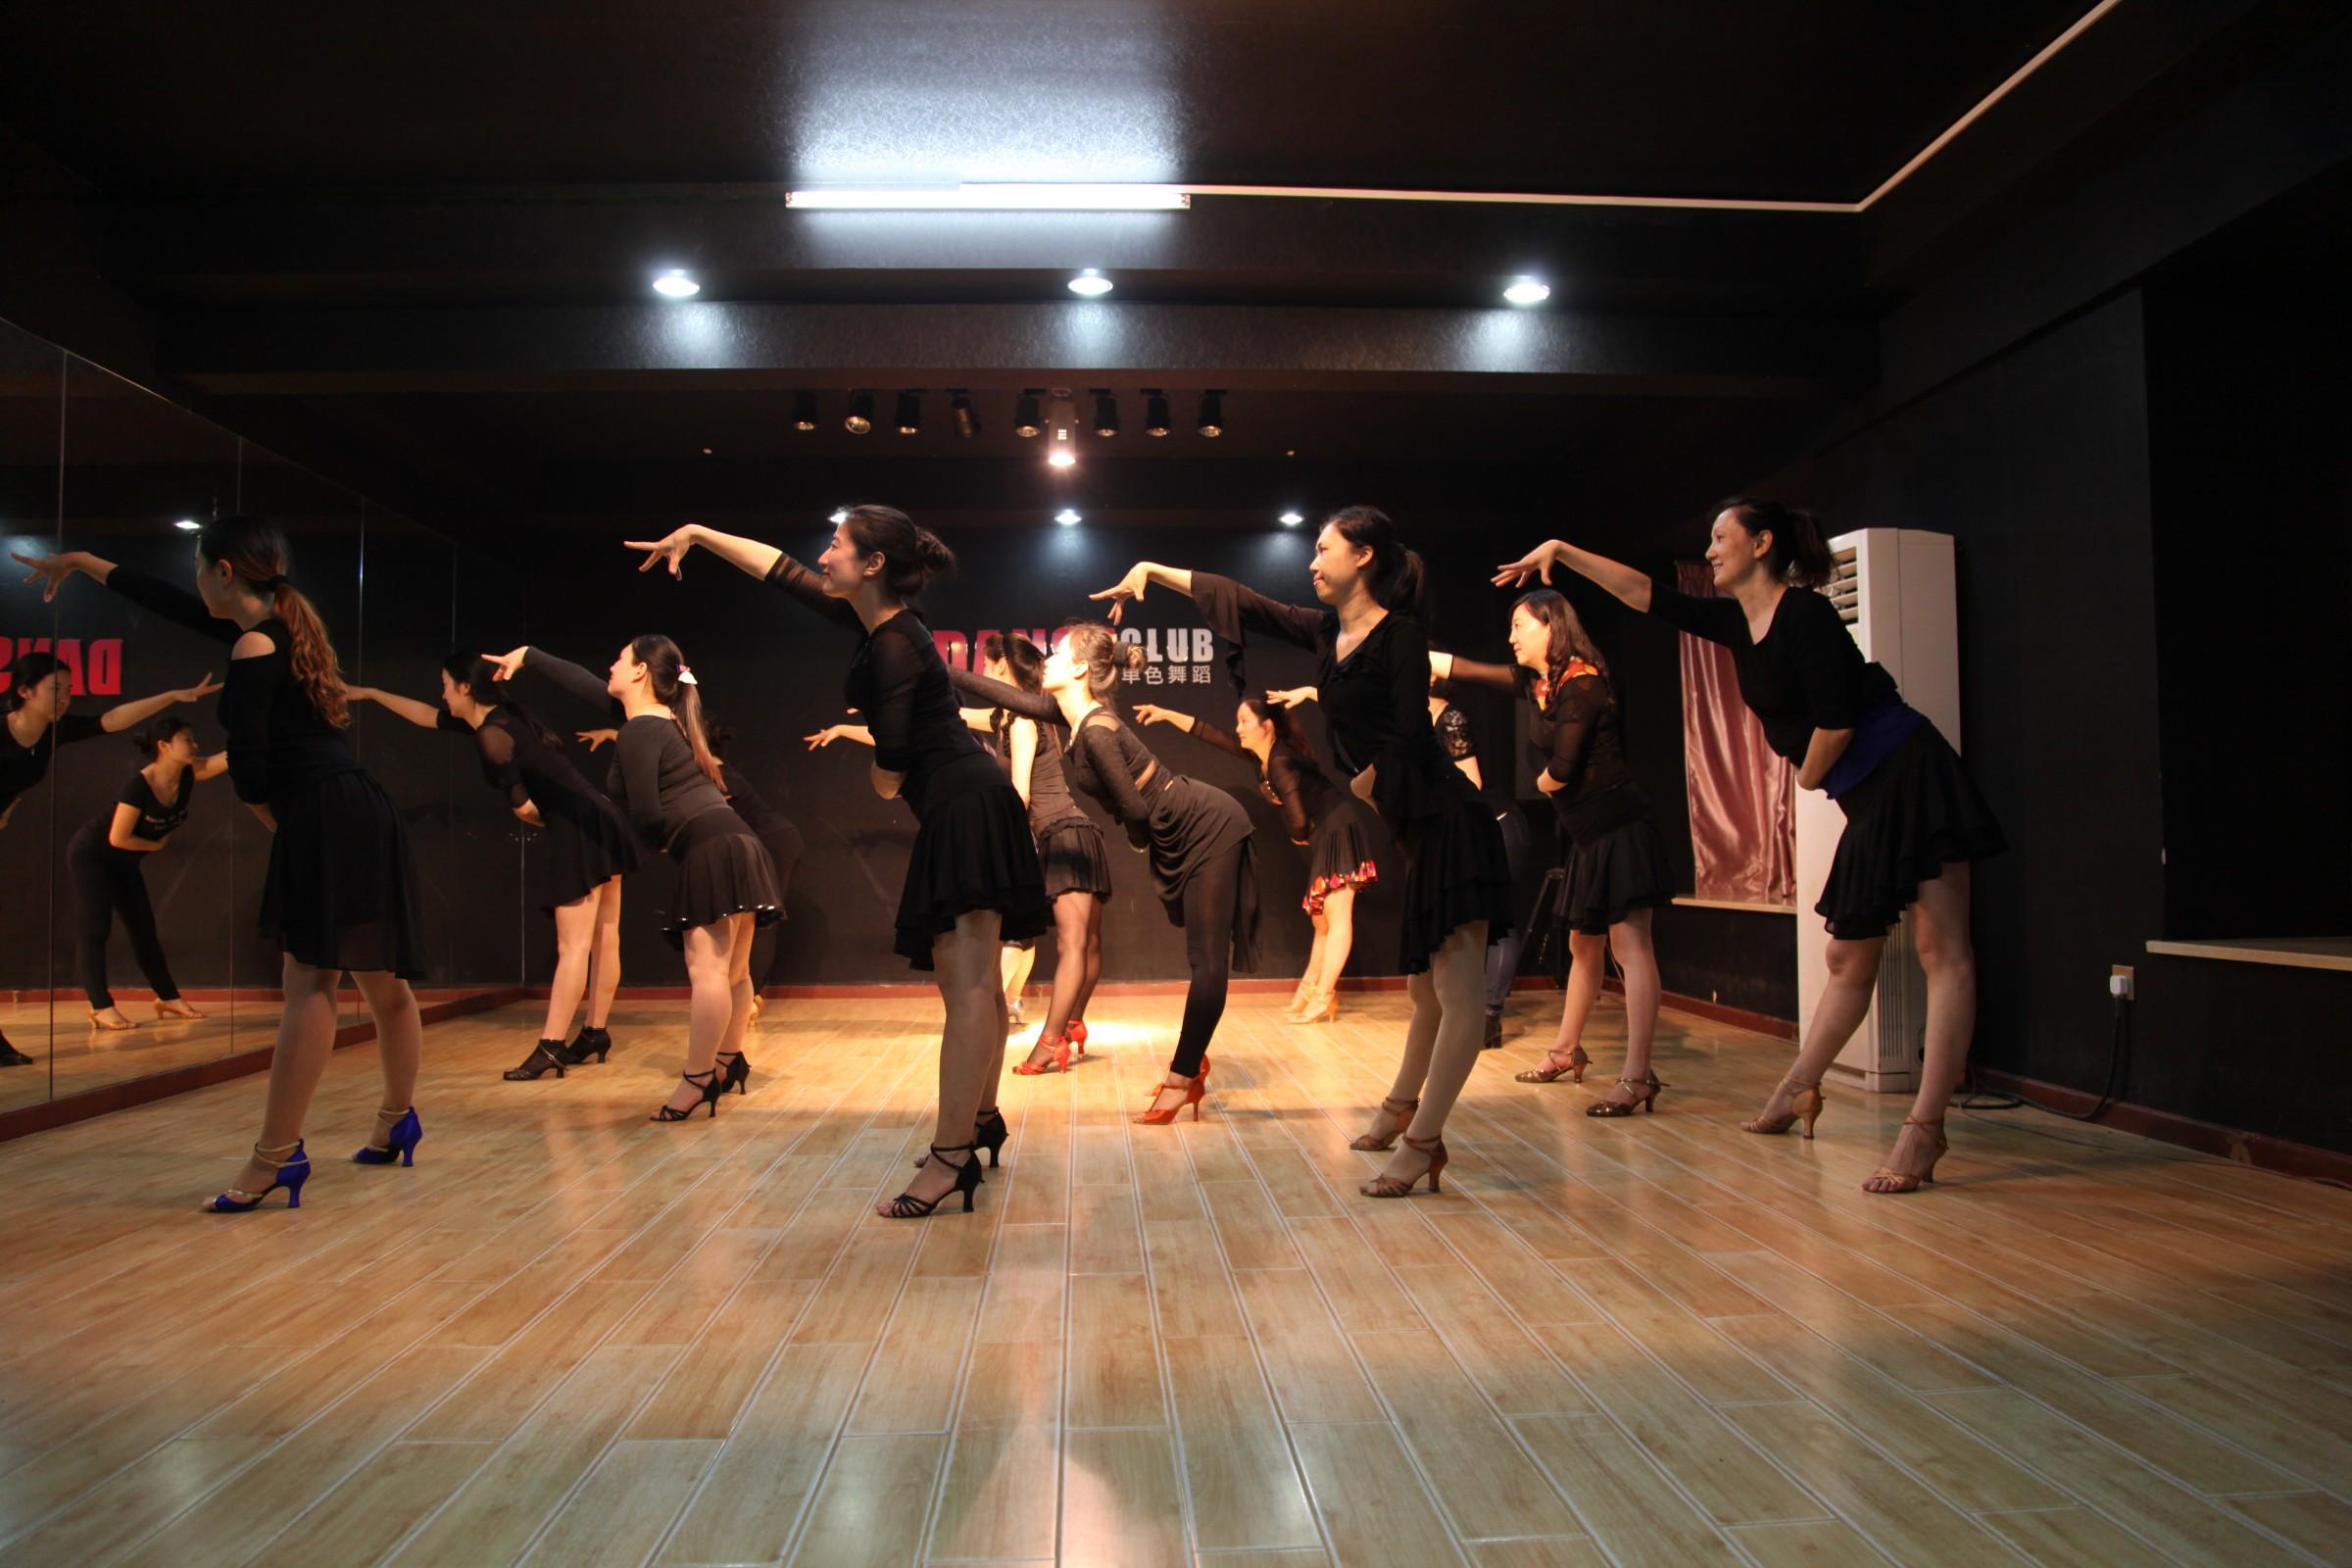 基本动作的技术训练是学生能有效合理地完成舞蹈动作